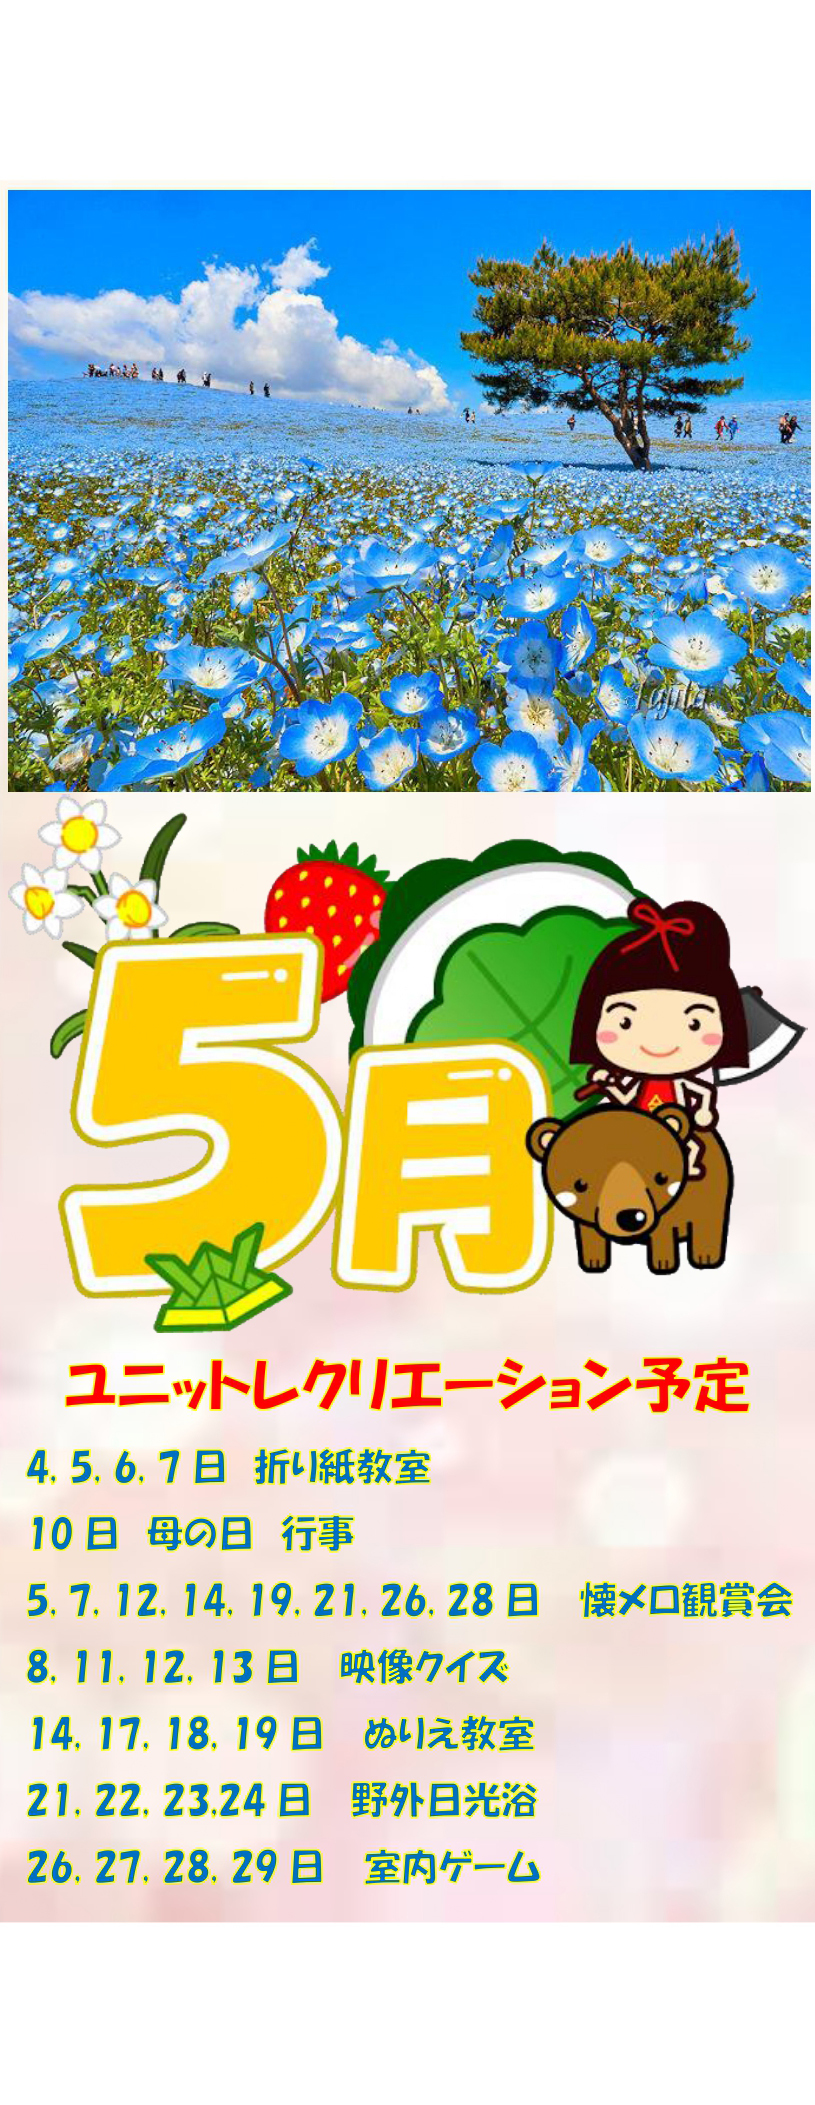 5月予定ブログ_page-0001-1